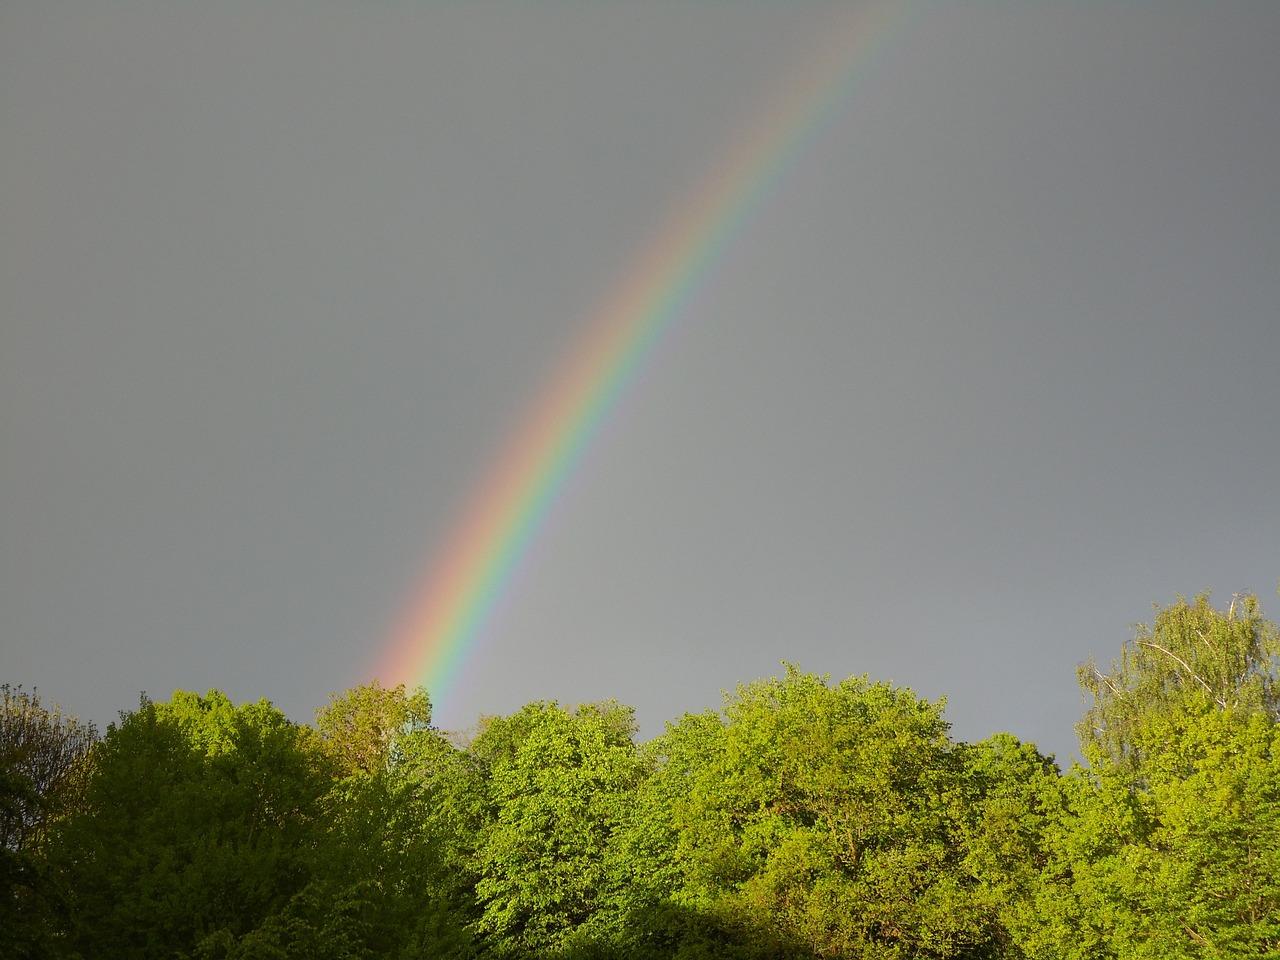 Погода в Саратовской области на сегодня - воскресенье 2 мая 2021 года